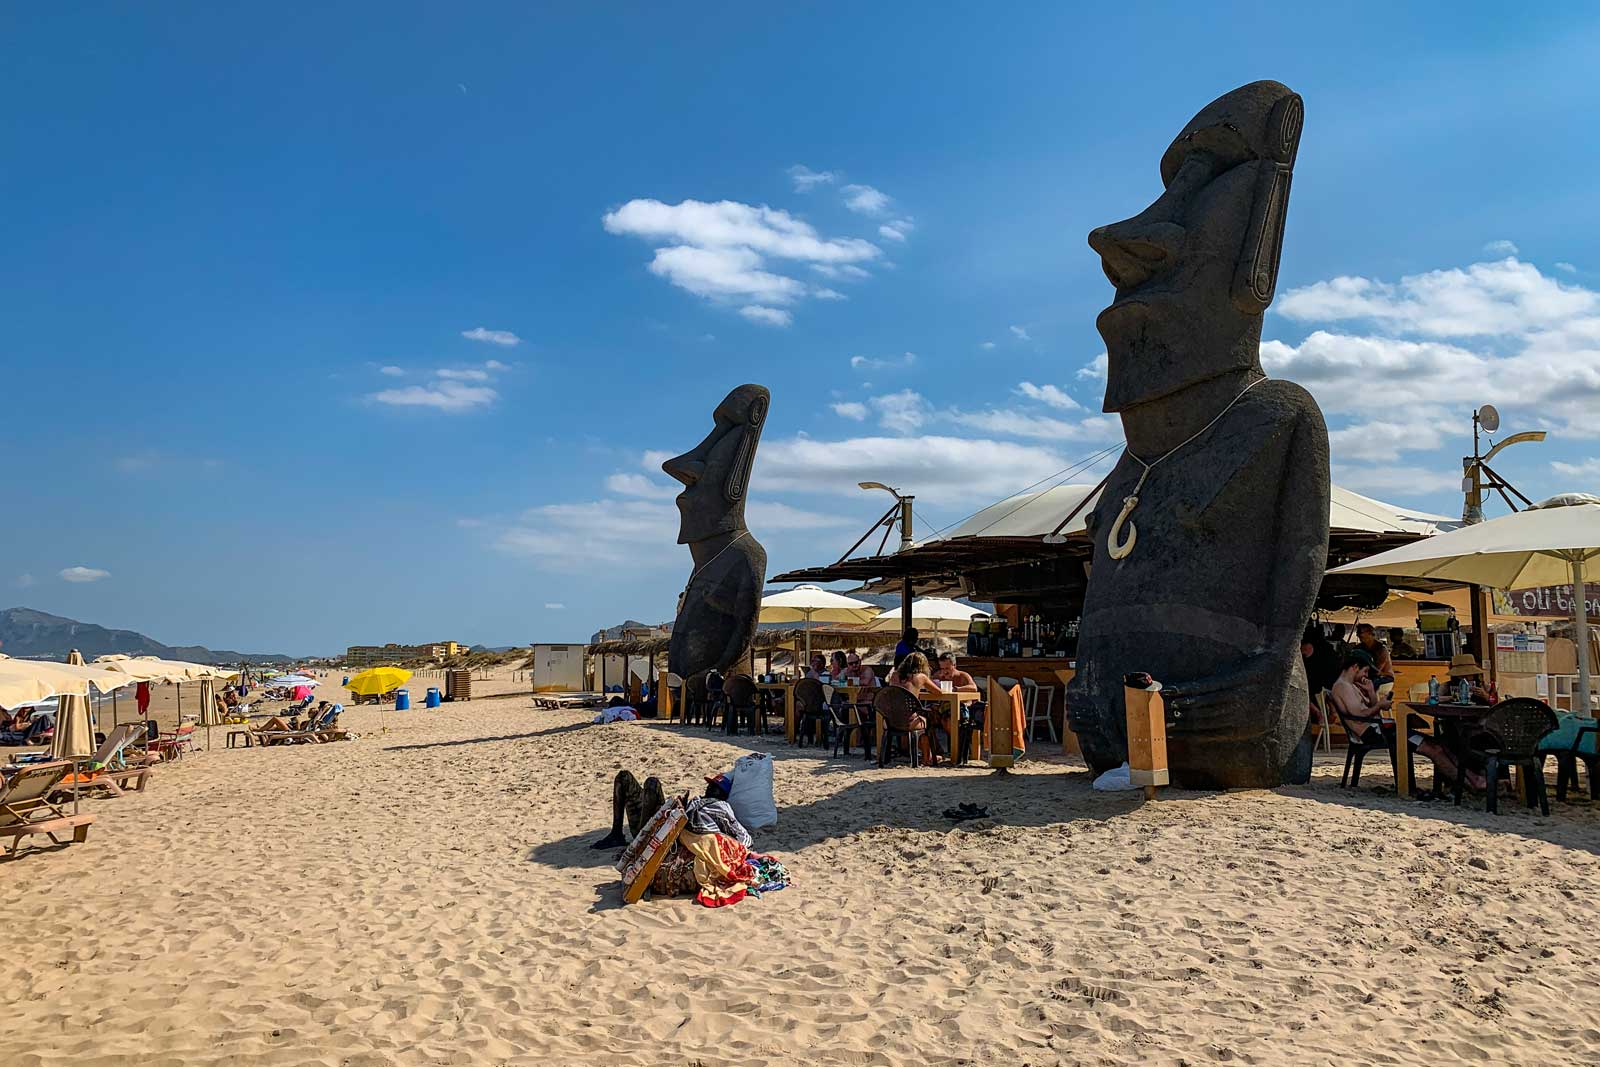 Oli-Ba-Ba strandbar